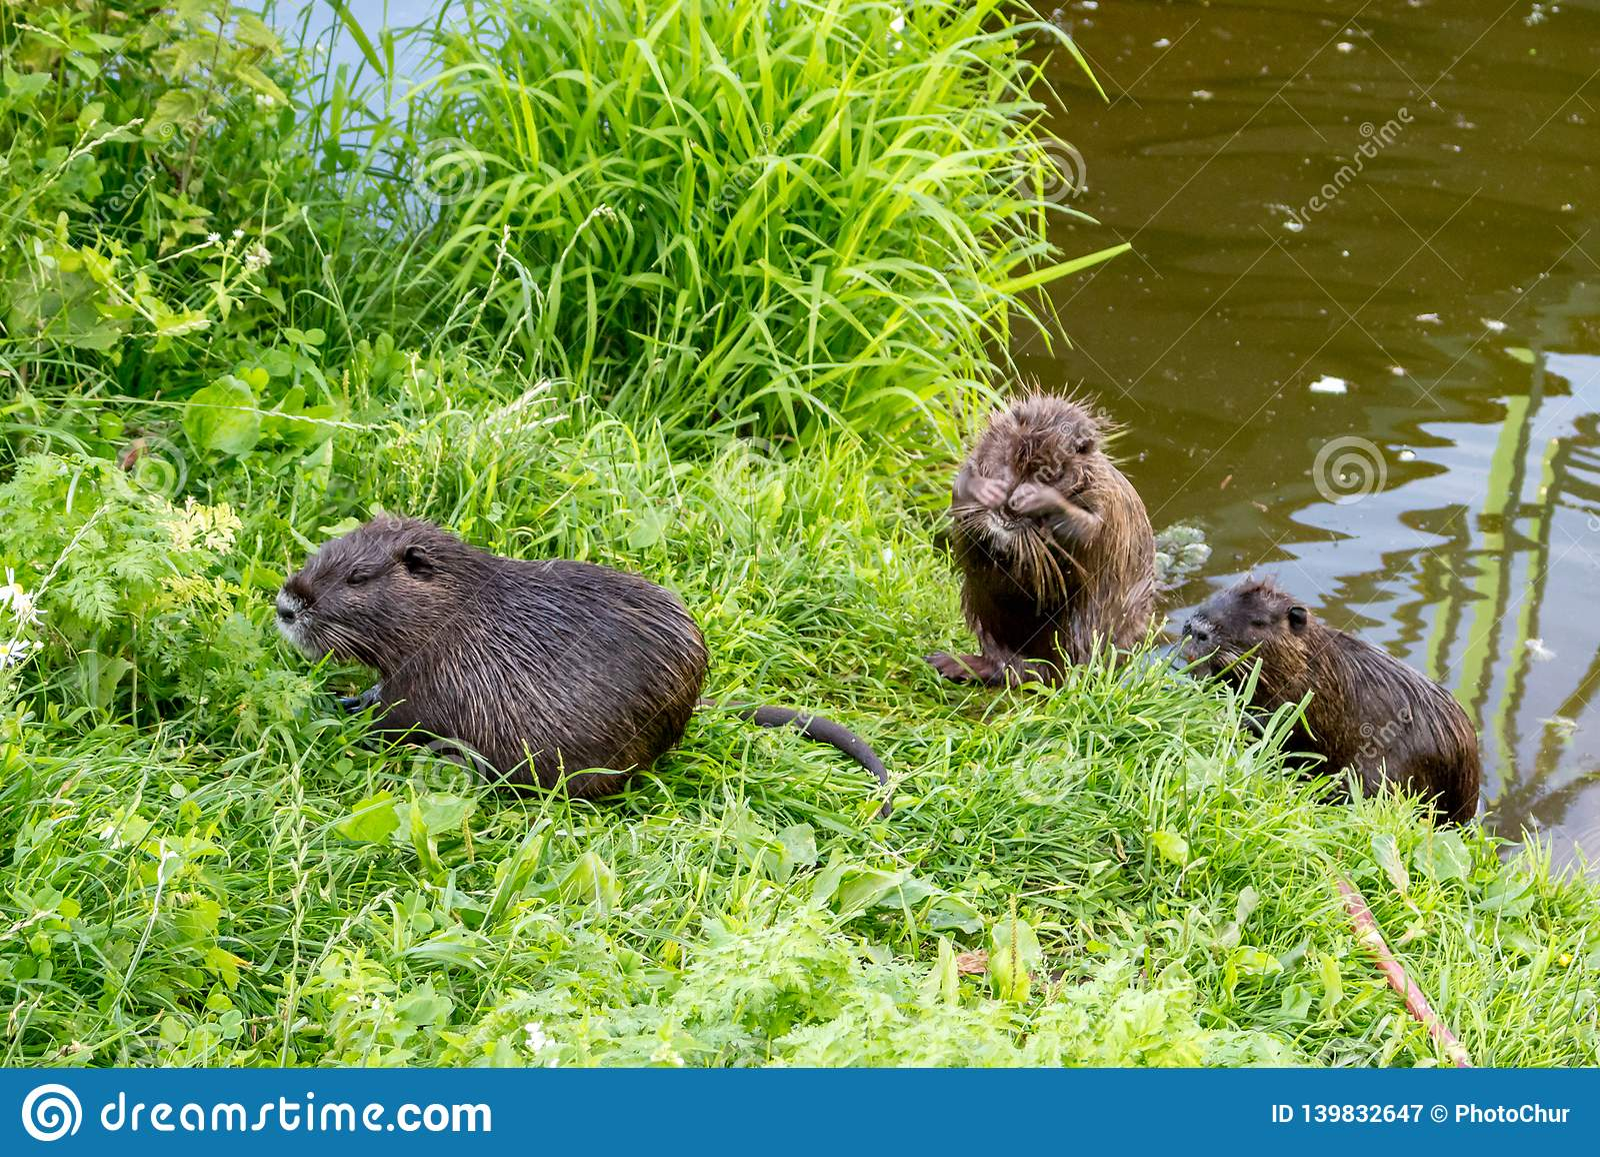 Nutria at the pond